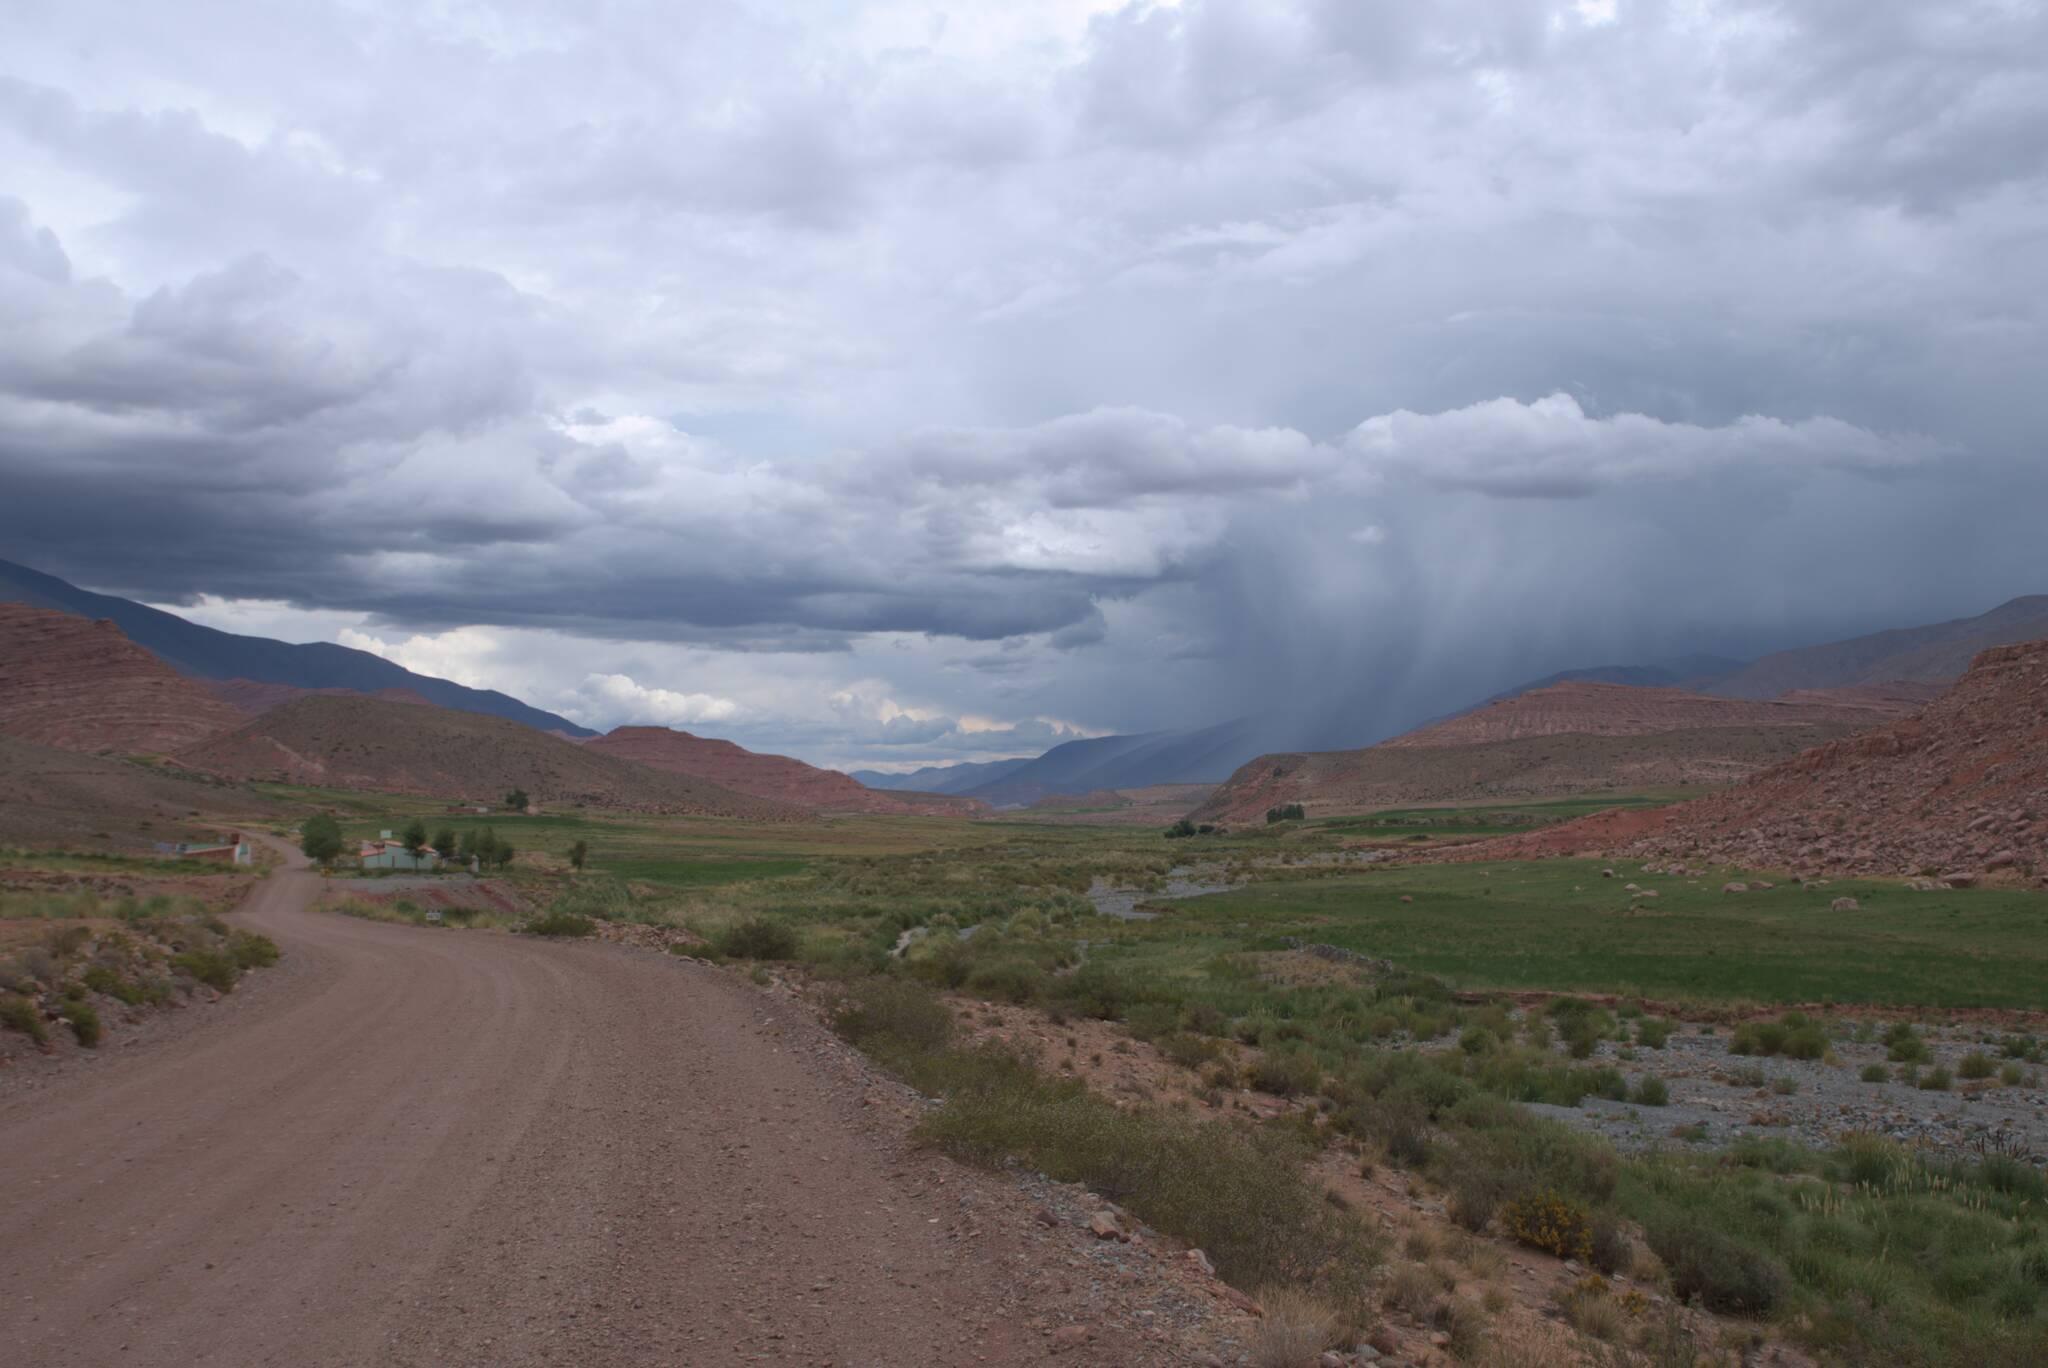 Przez dolinę przechodzą burze